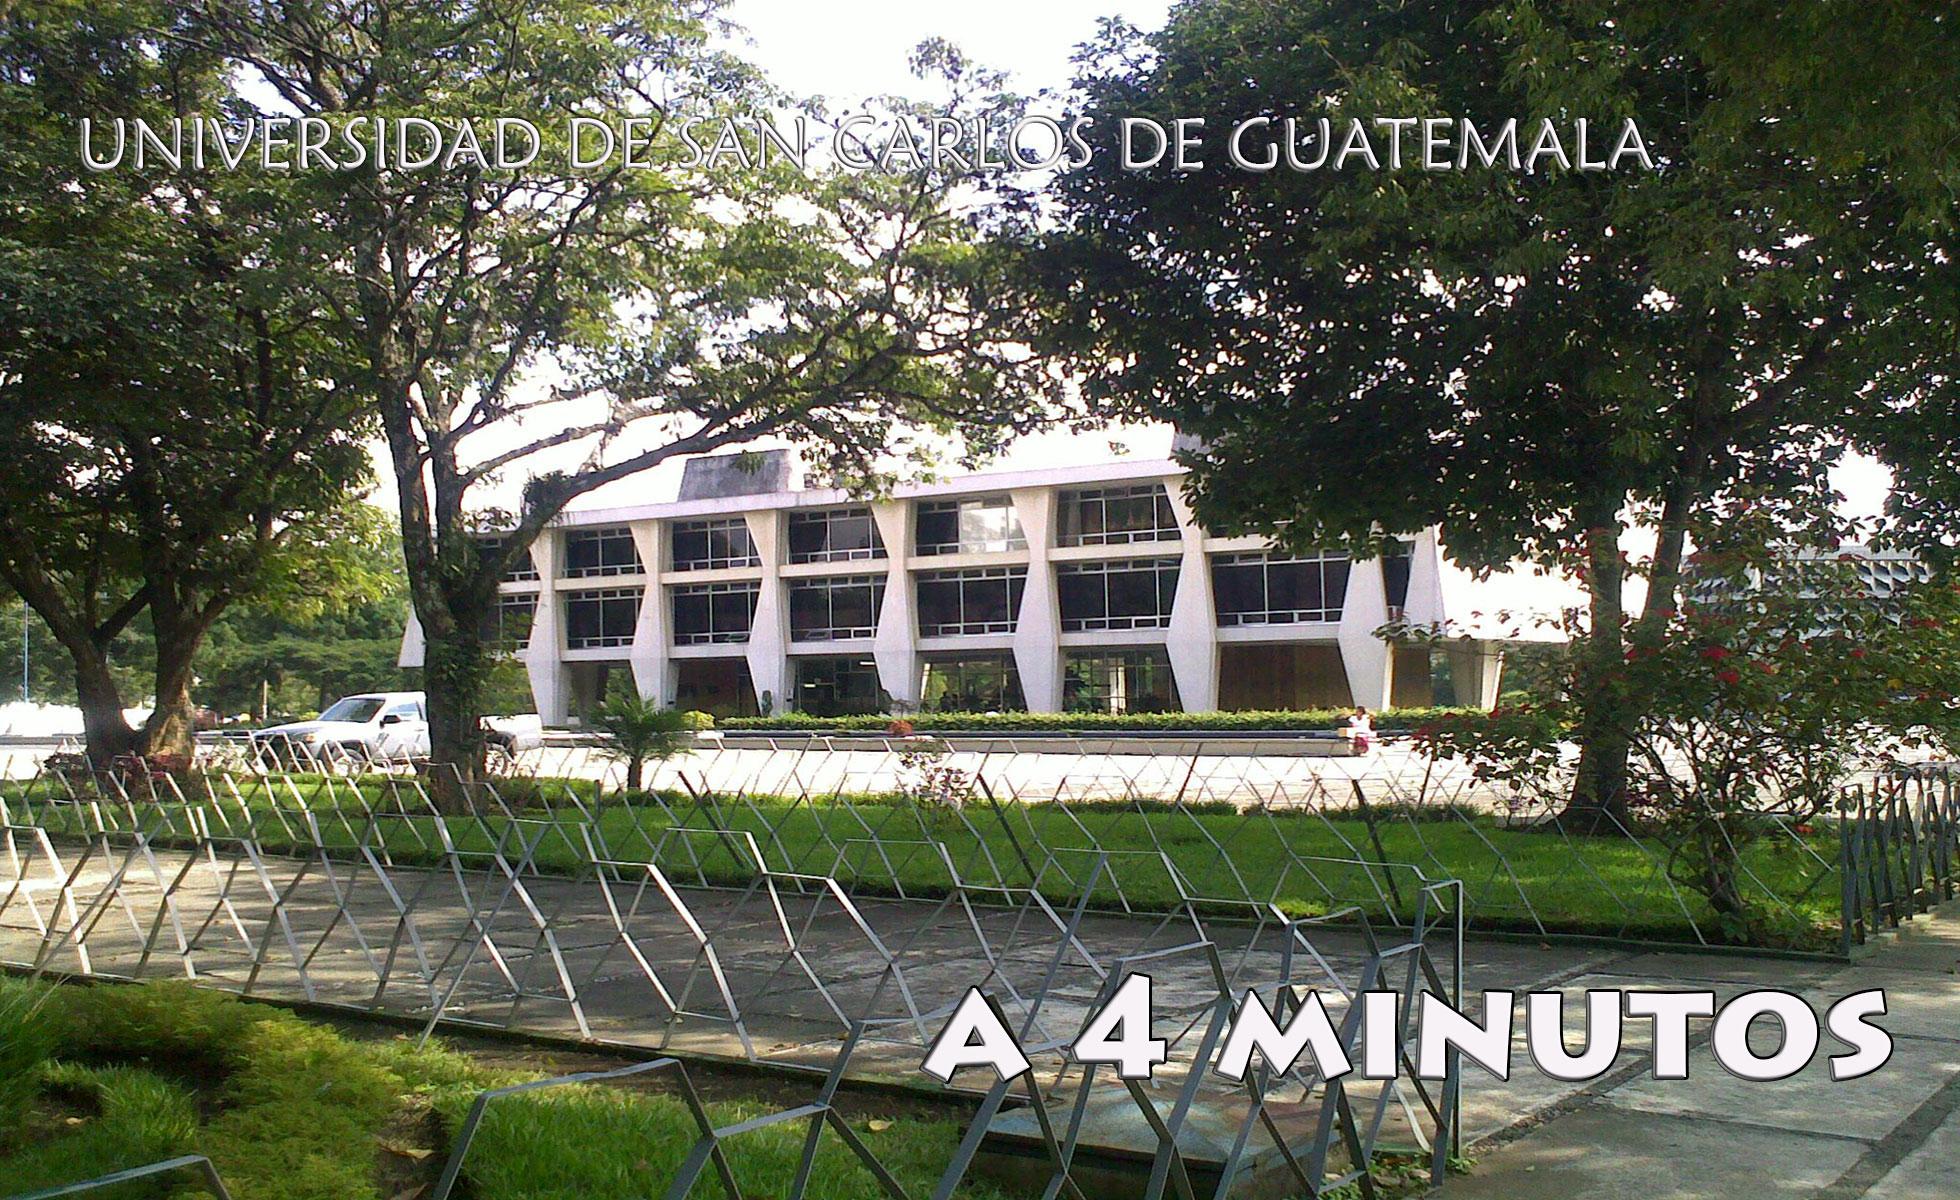 Universidad De San Carlos De Guatemala Usac Genesis Urbana